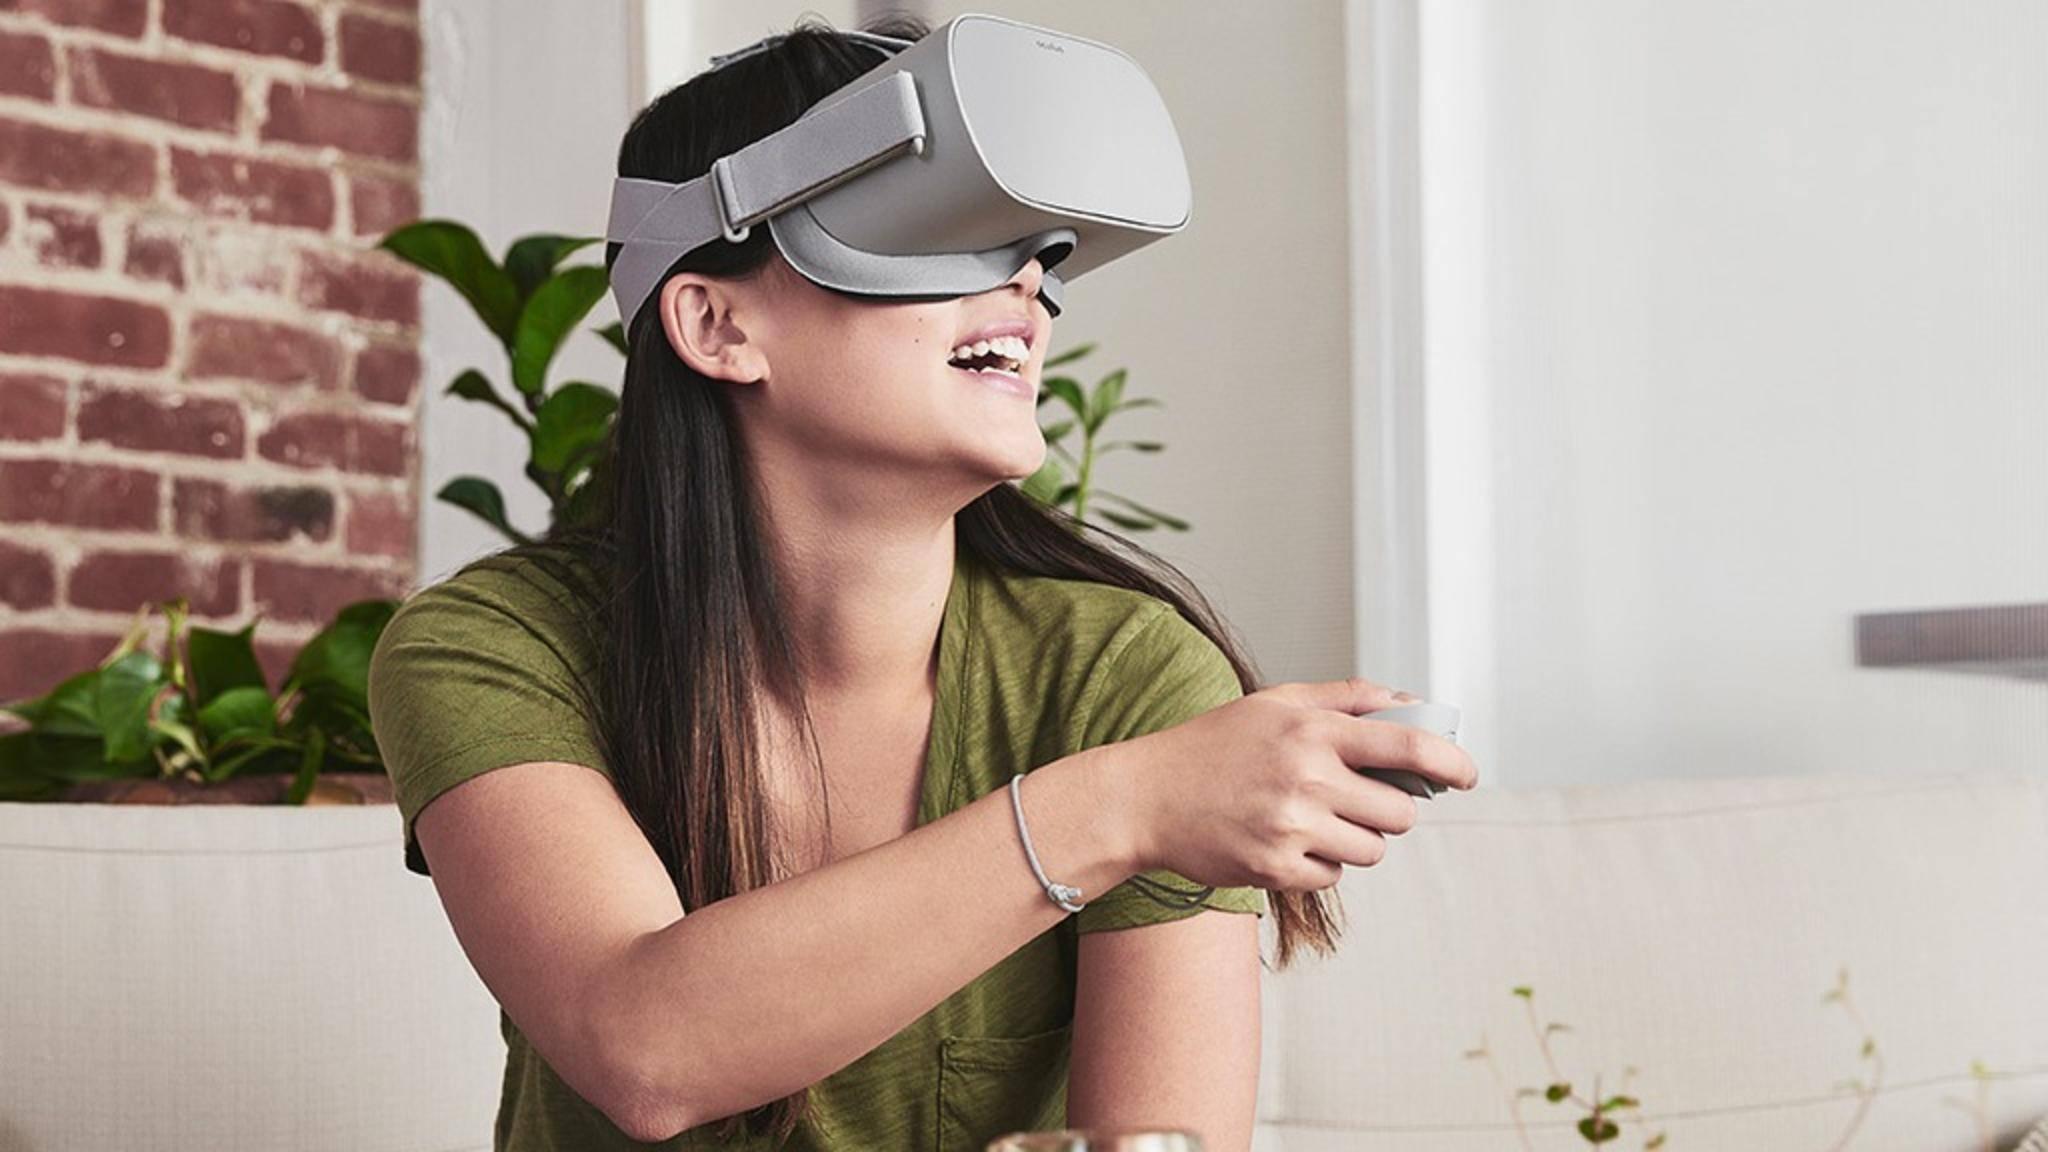 Den Massenmarkt hat die Oculus noch nicht geknackt – aber das soll sich bald ändern.